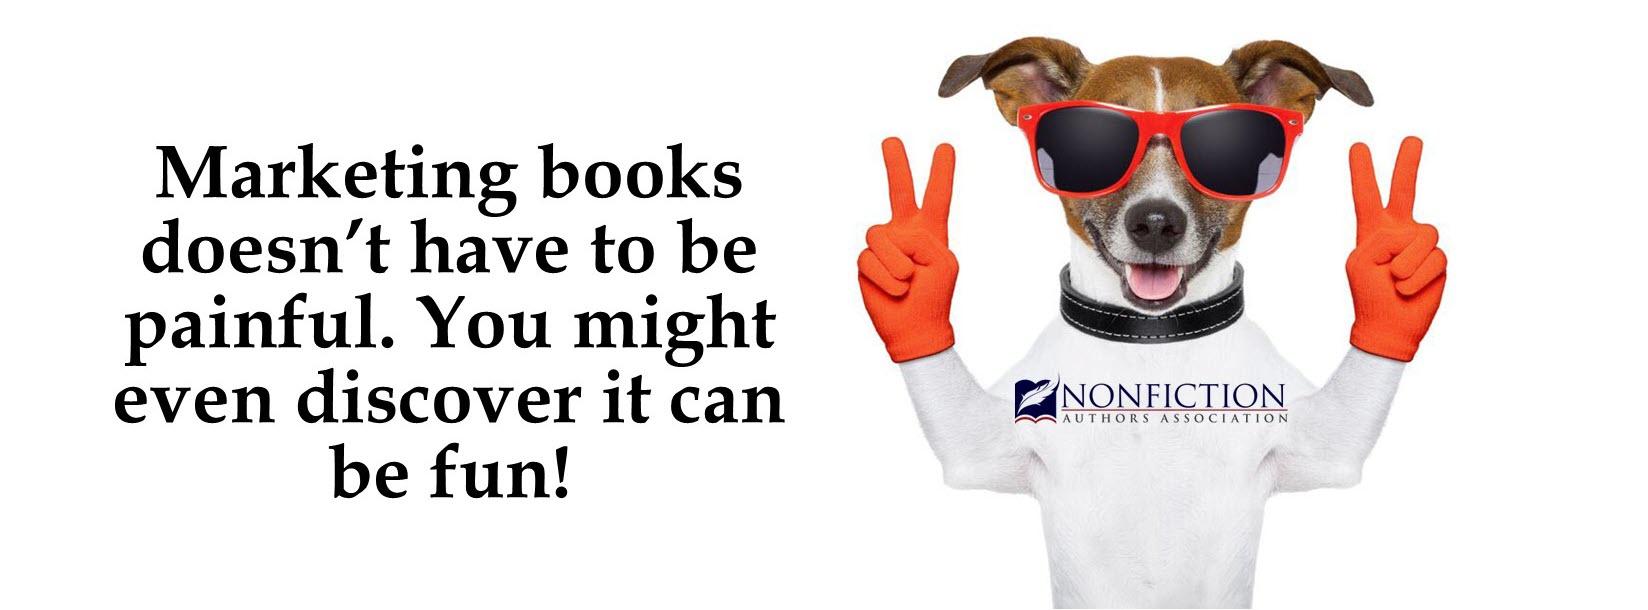 marketing books can be fun